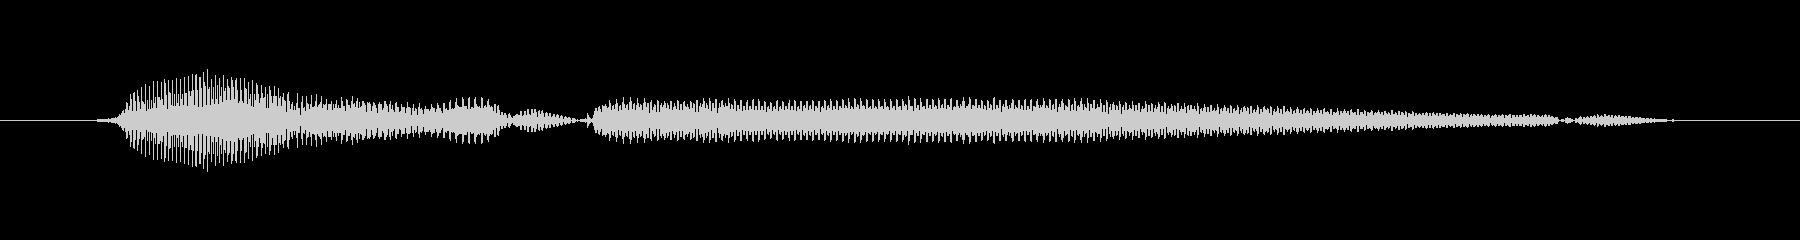 鳴き声 女性トークエルフィッシュ15の未再生の波形